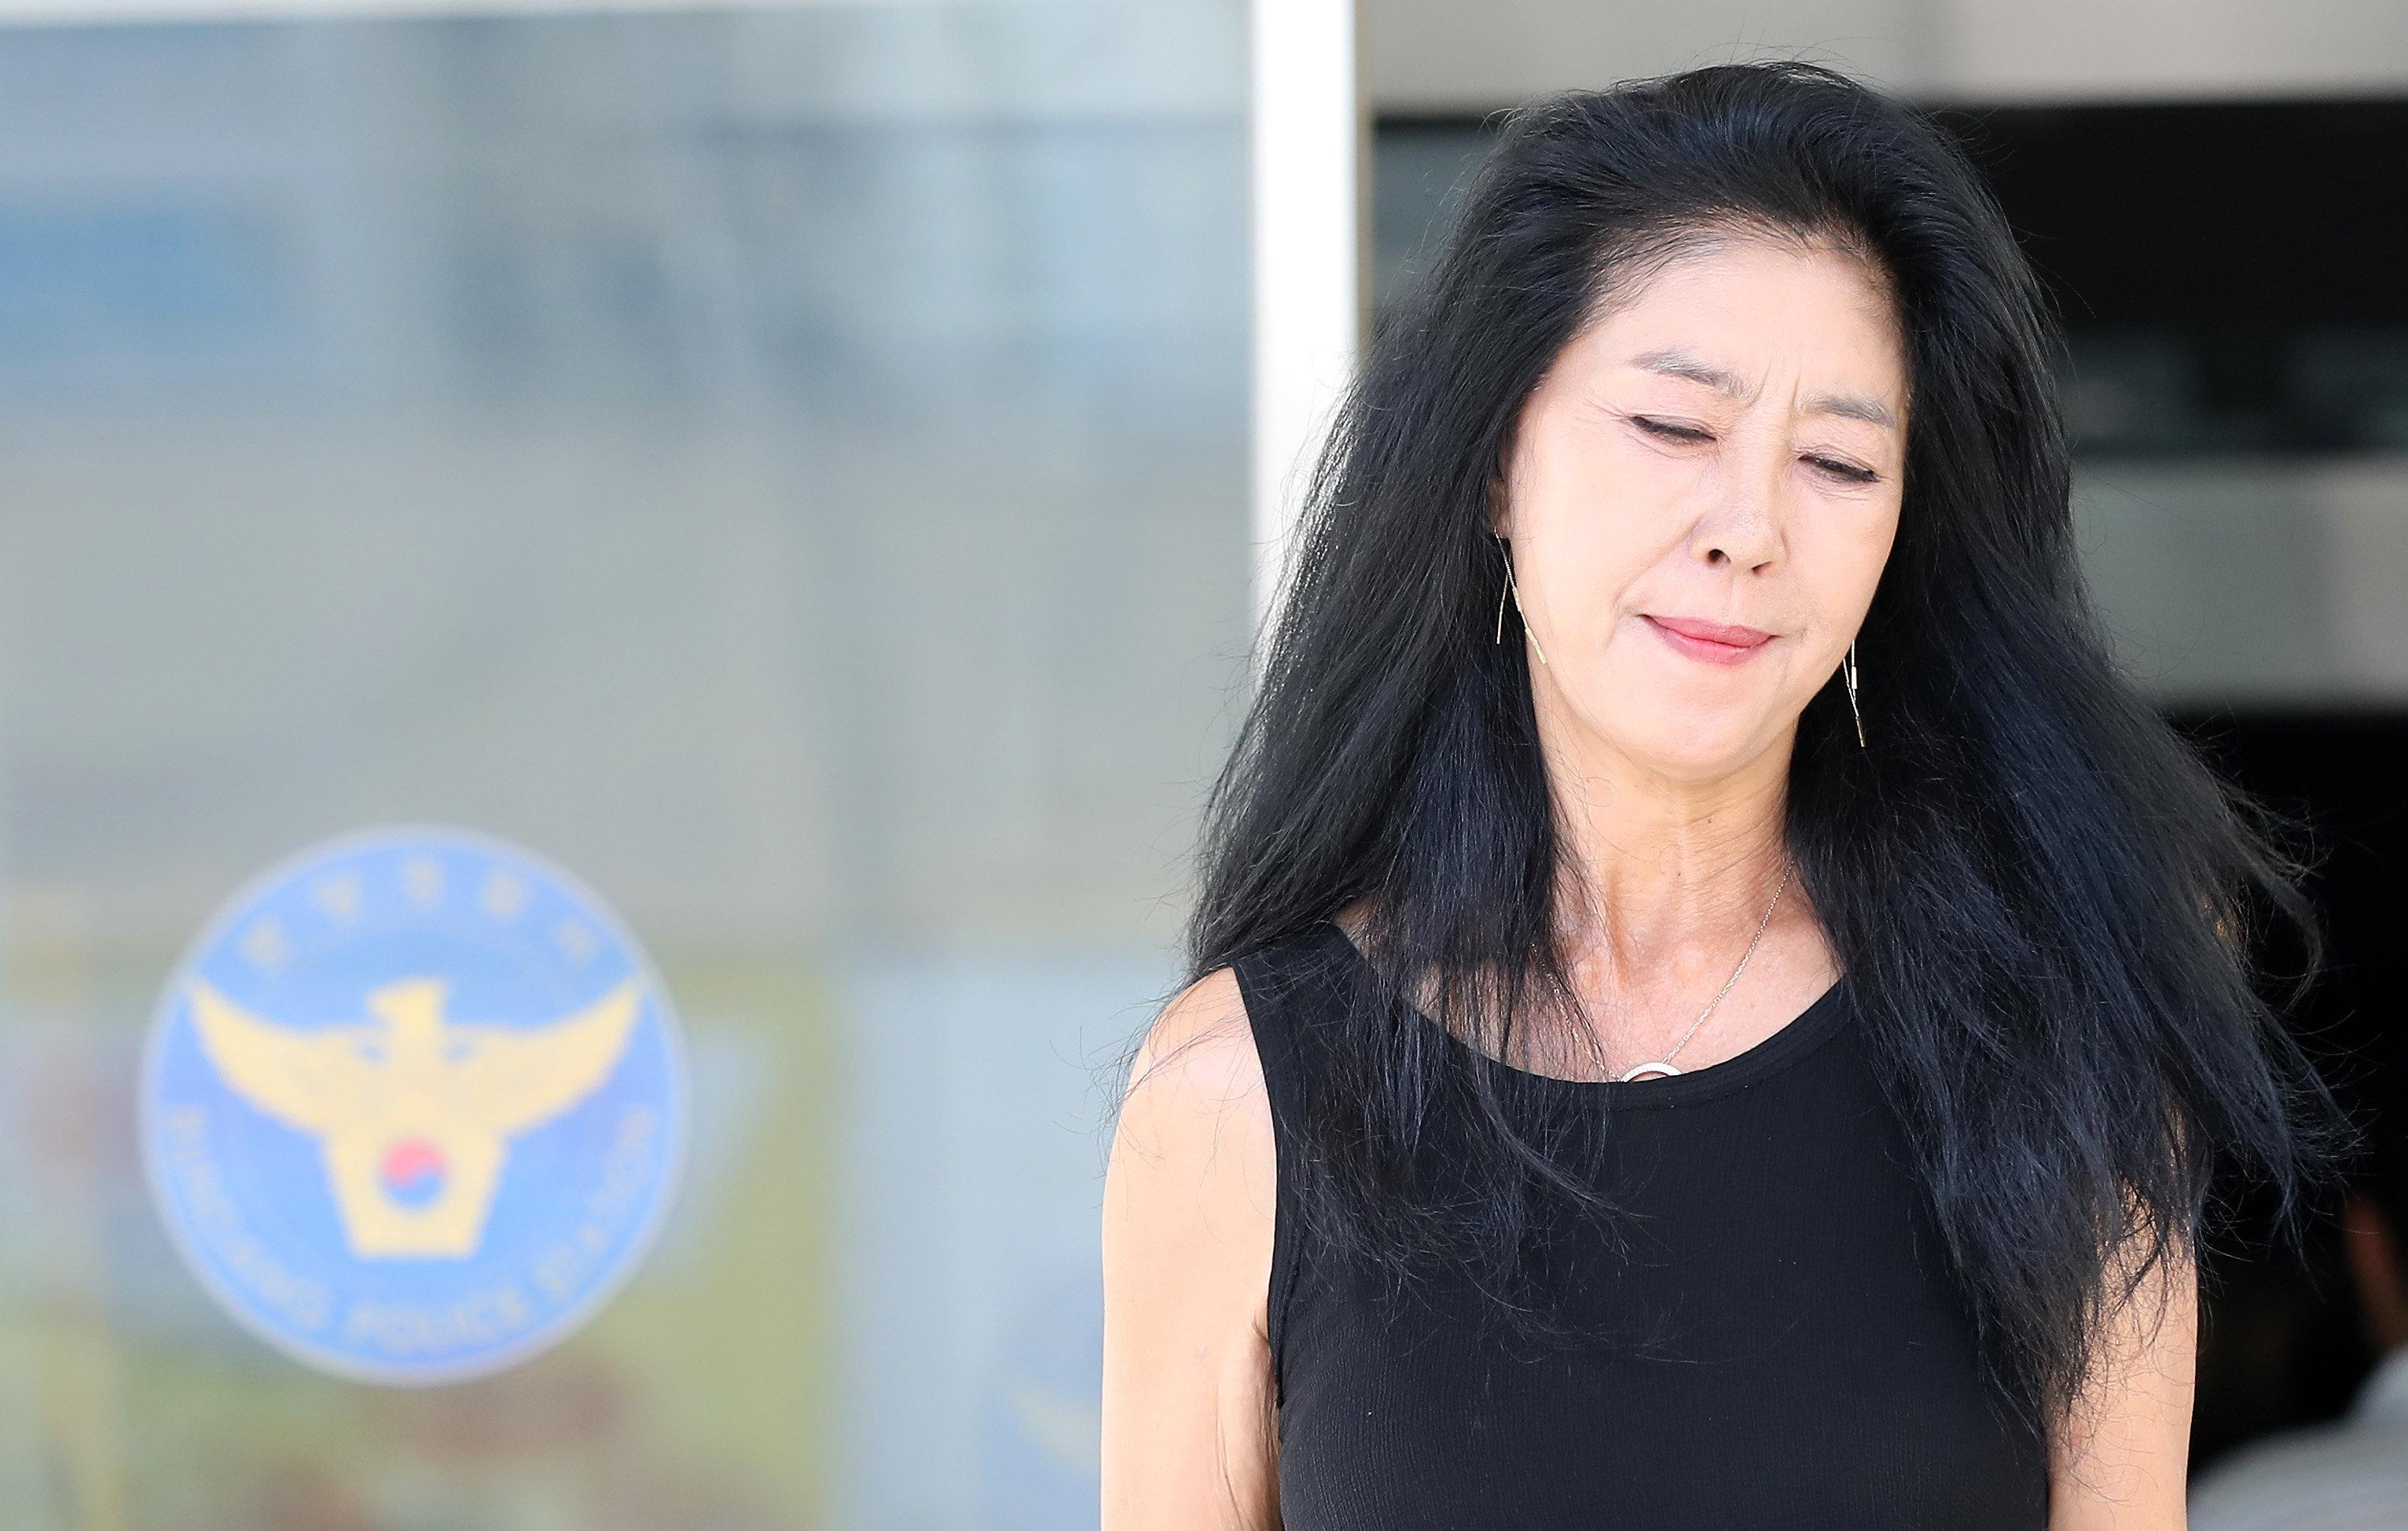 김부선이 드디어 변호사 선임 완료하고 경찰에 재출석한다